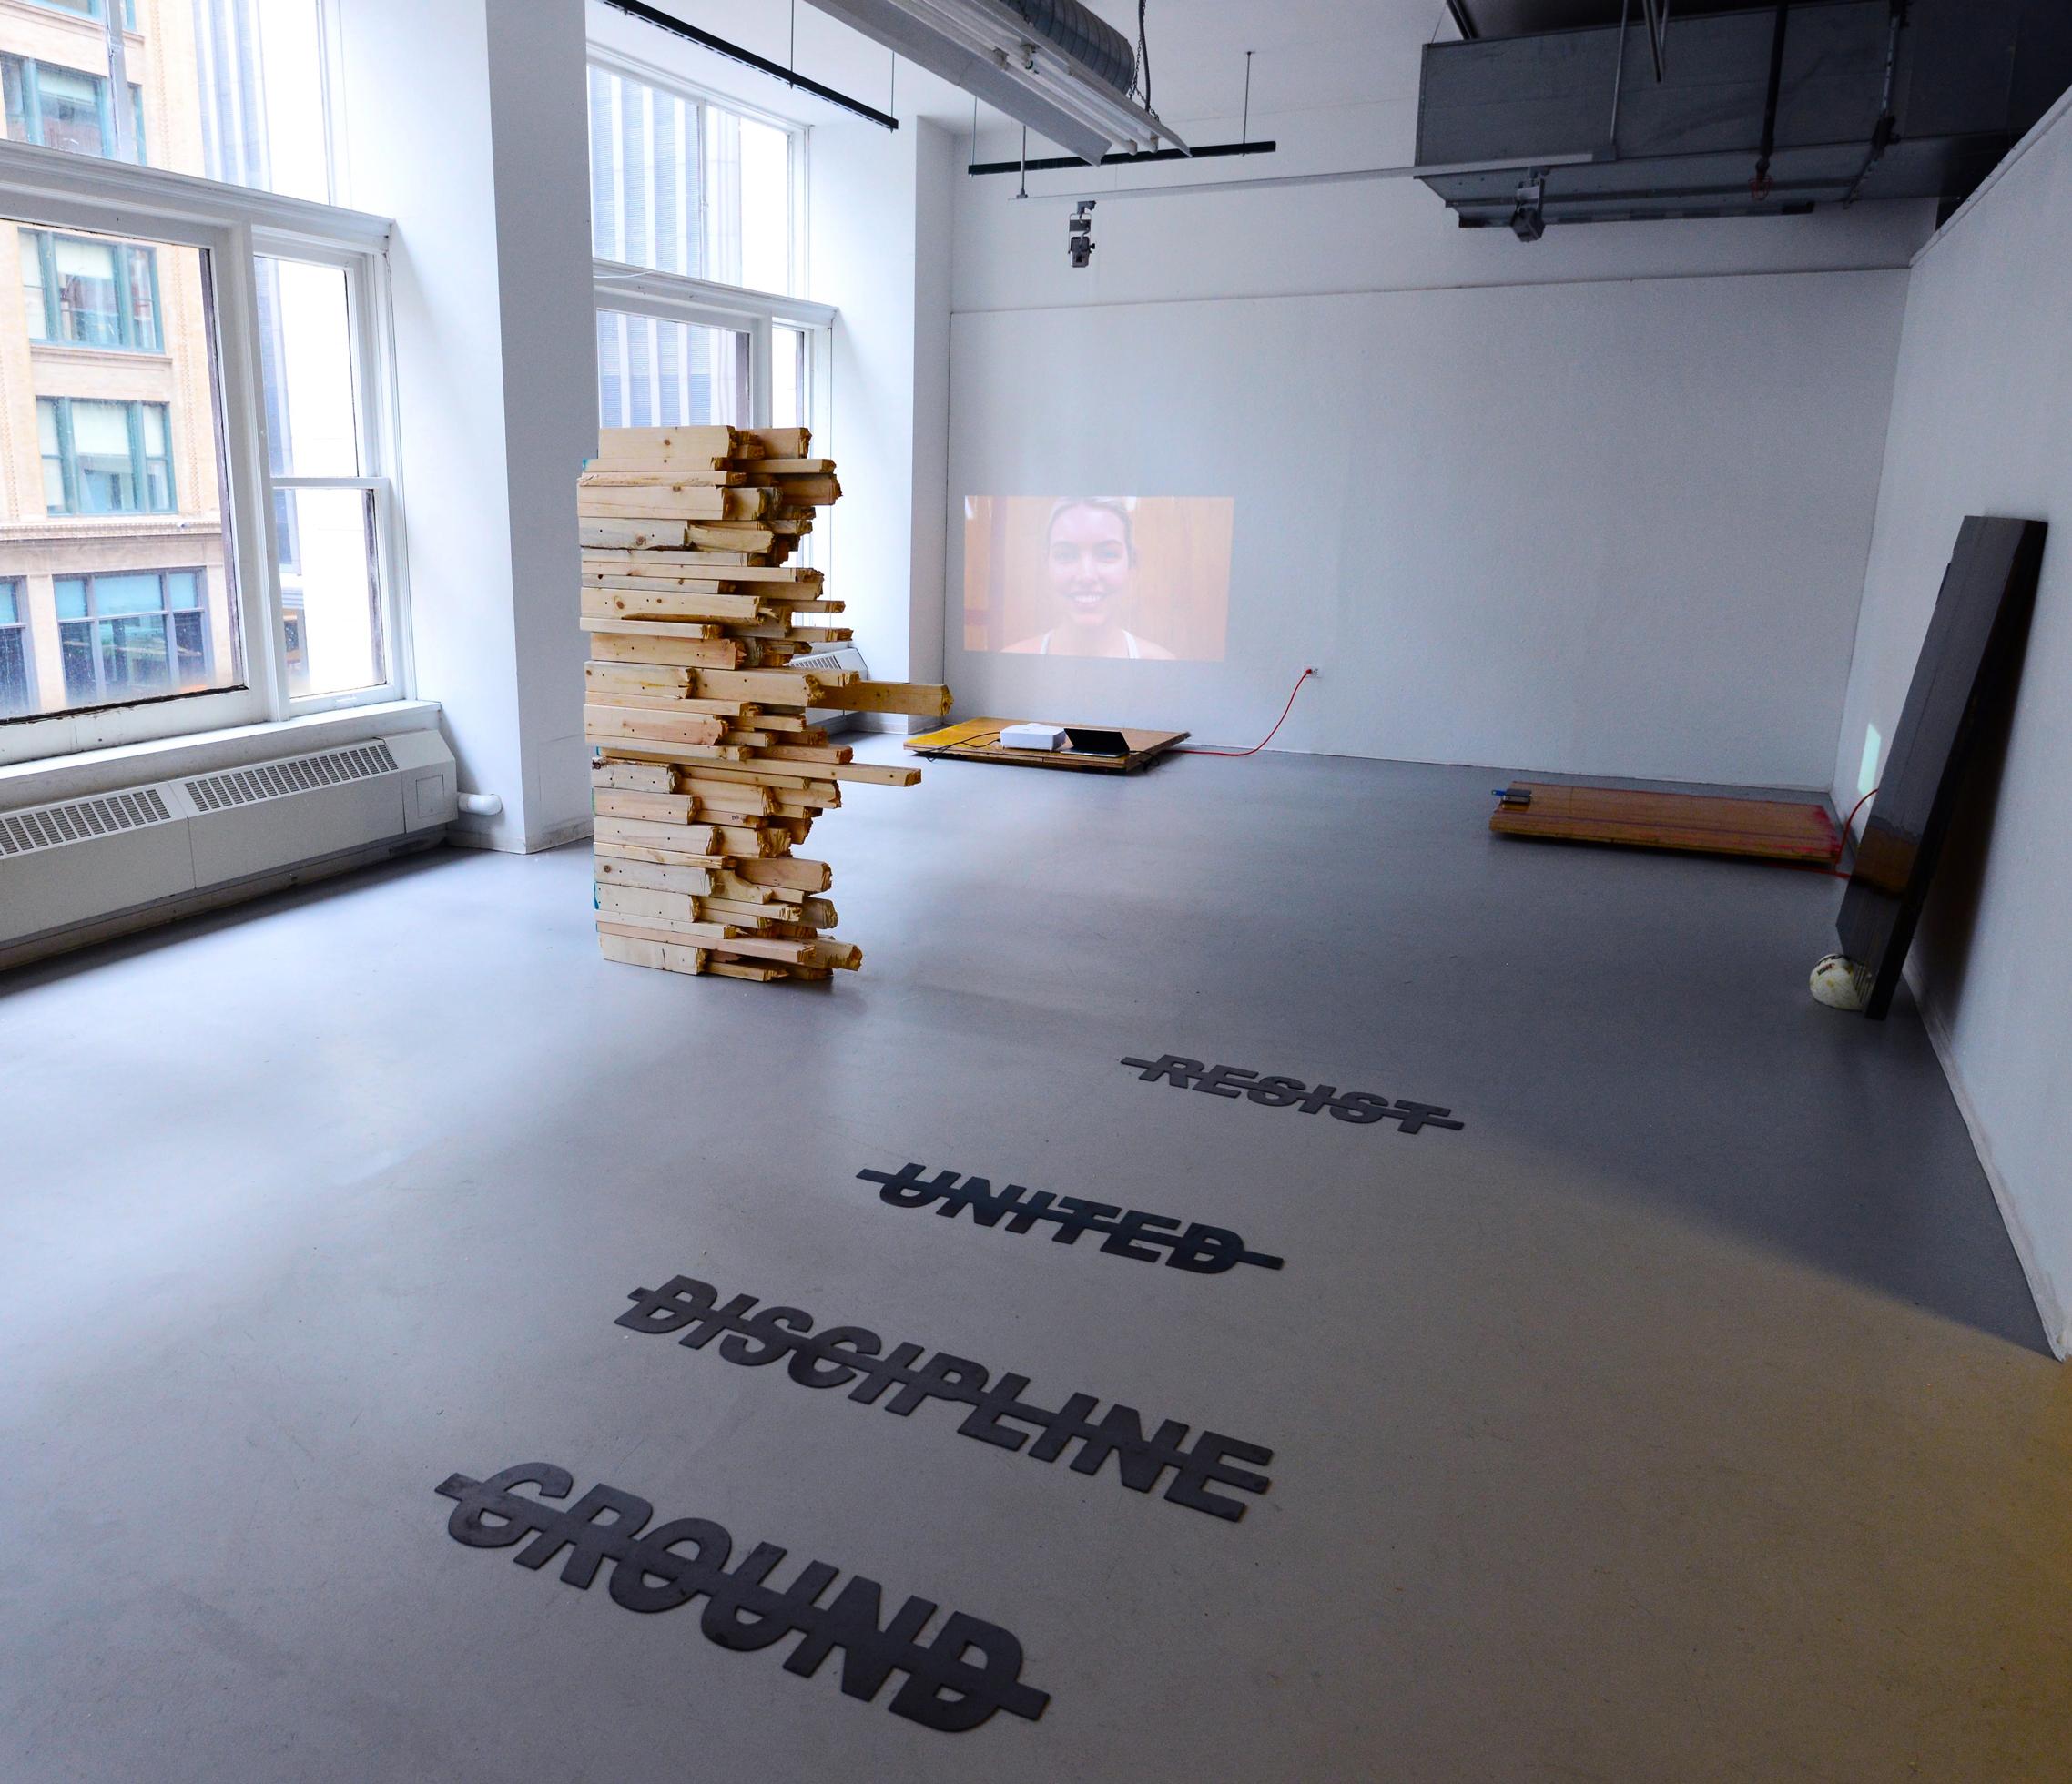 Jacqueline-Surdell-Artist-Installation-Shuddering-Turns-to-Sobbing-08.jpg